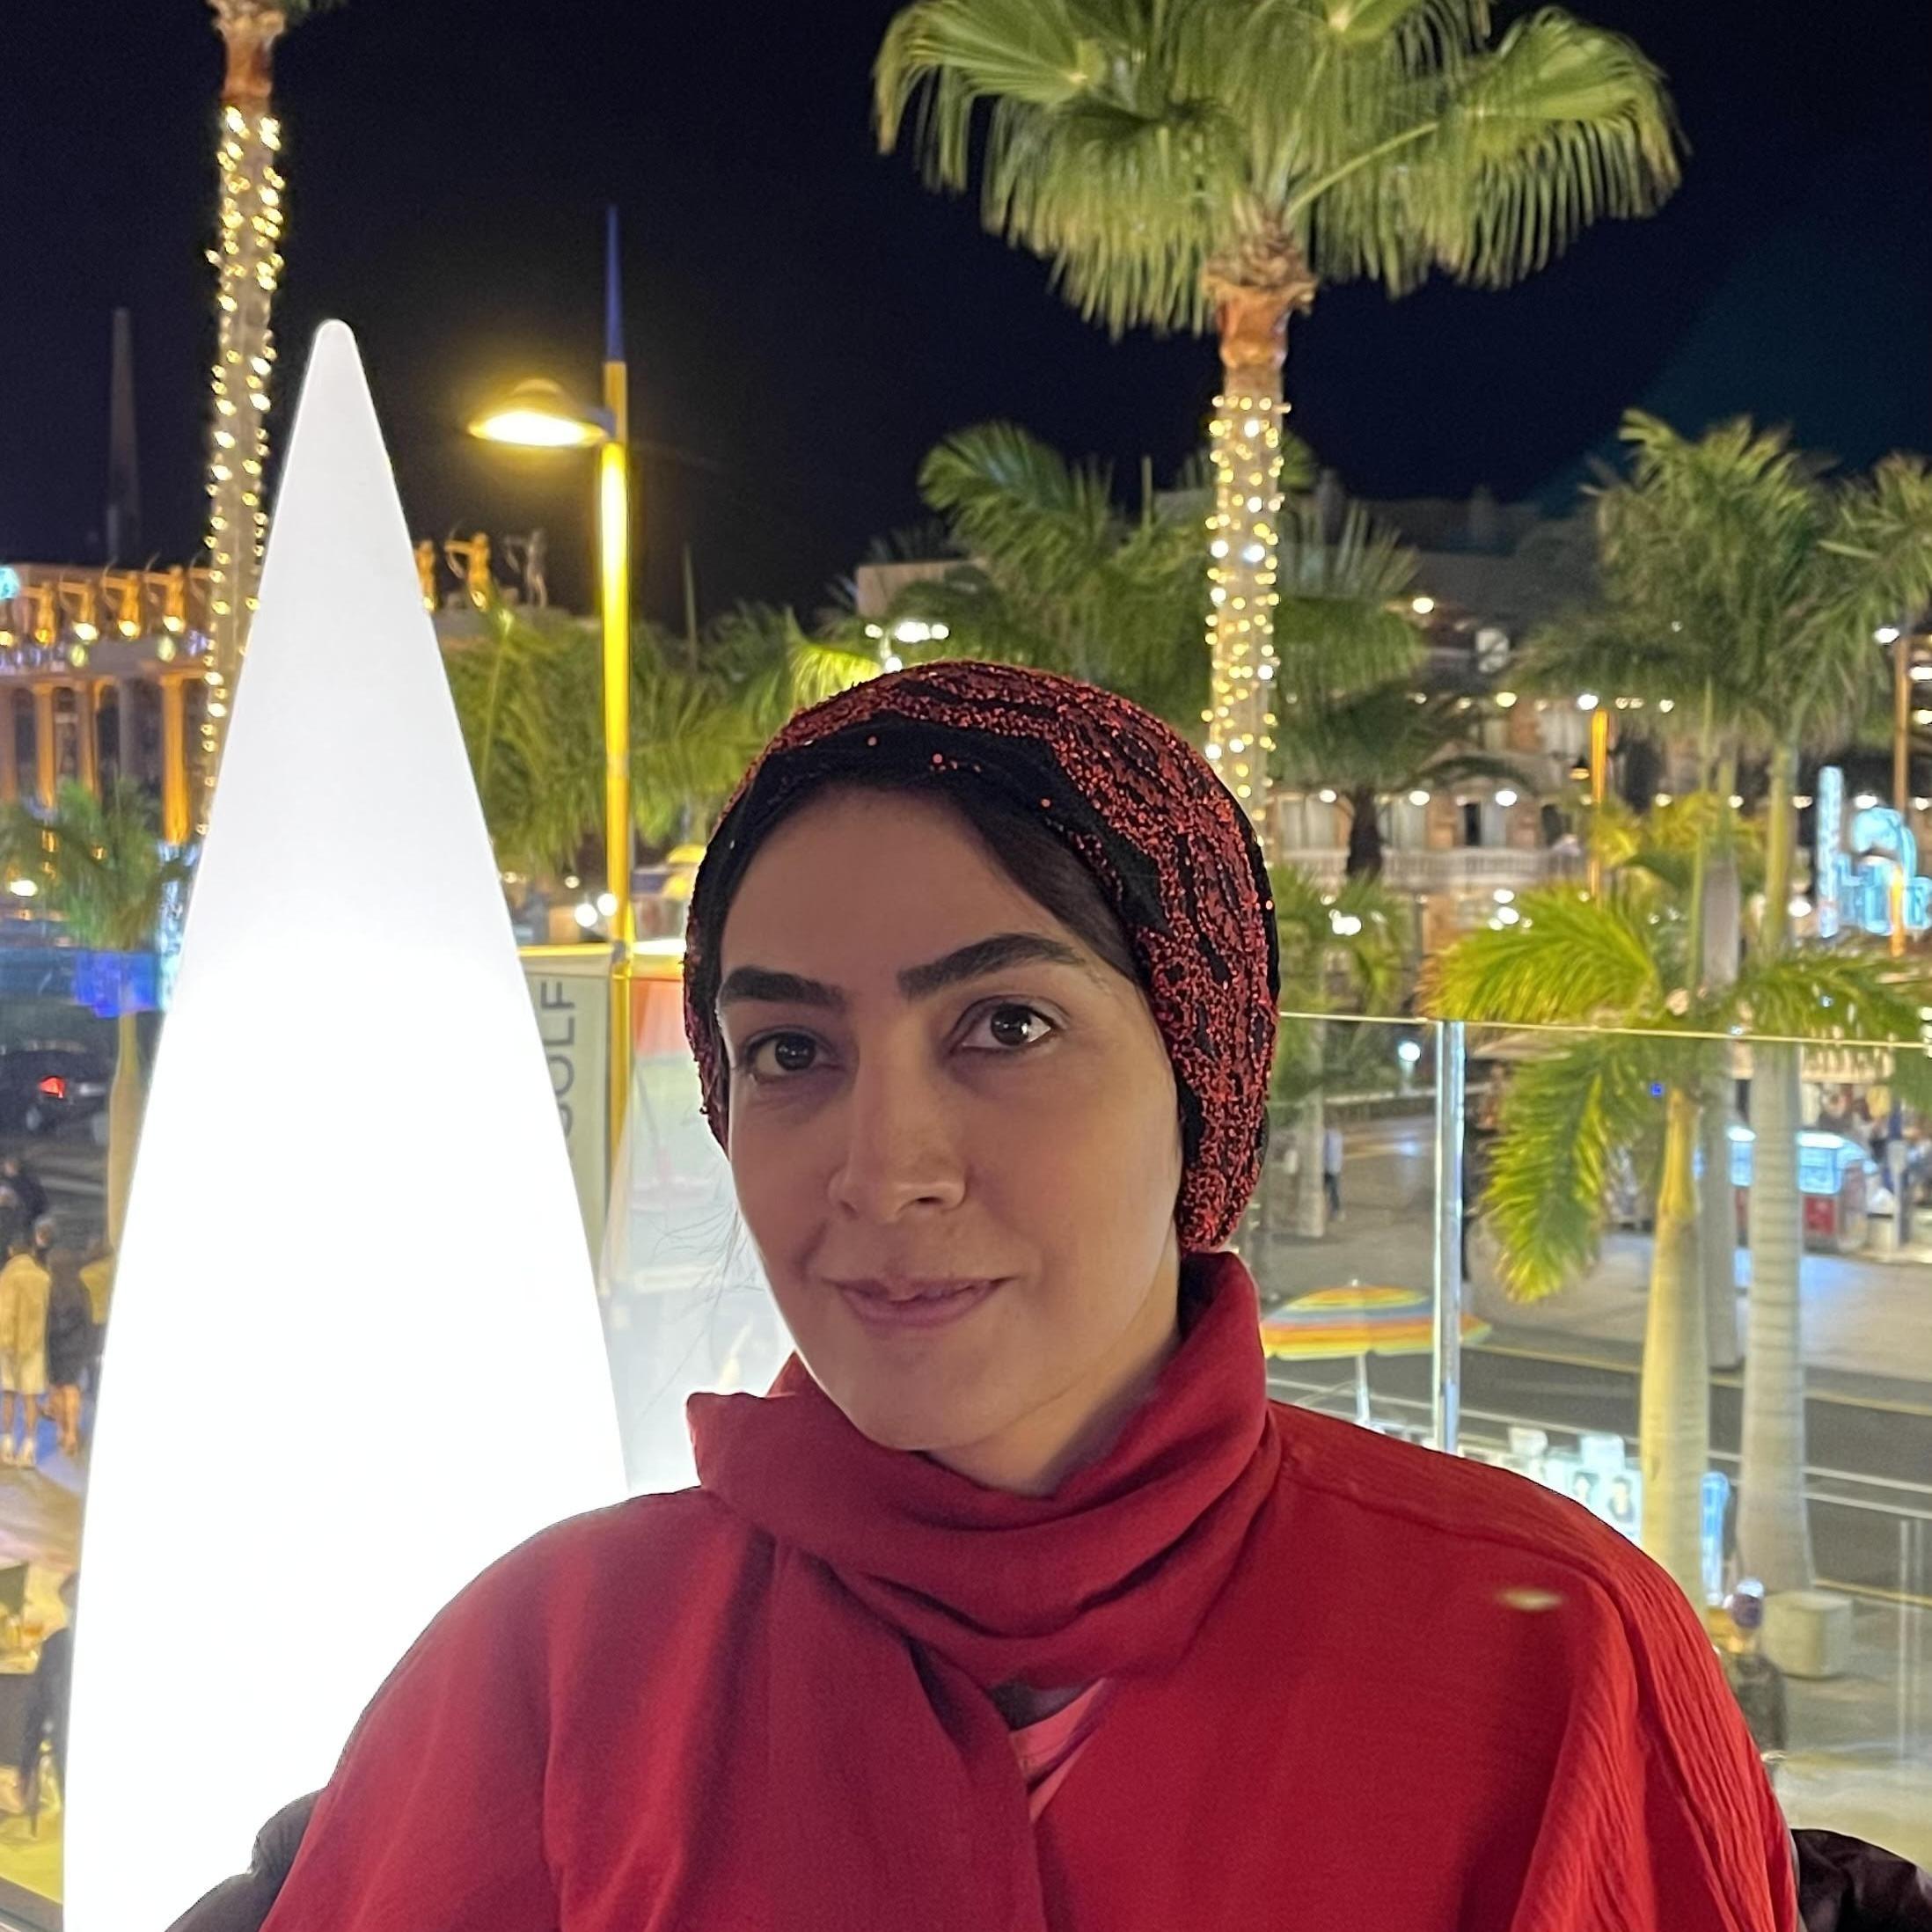 Doctor Naeimeh Jafarifar